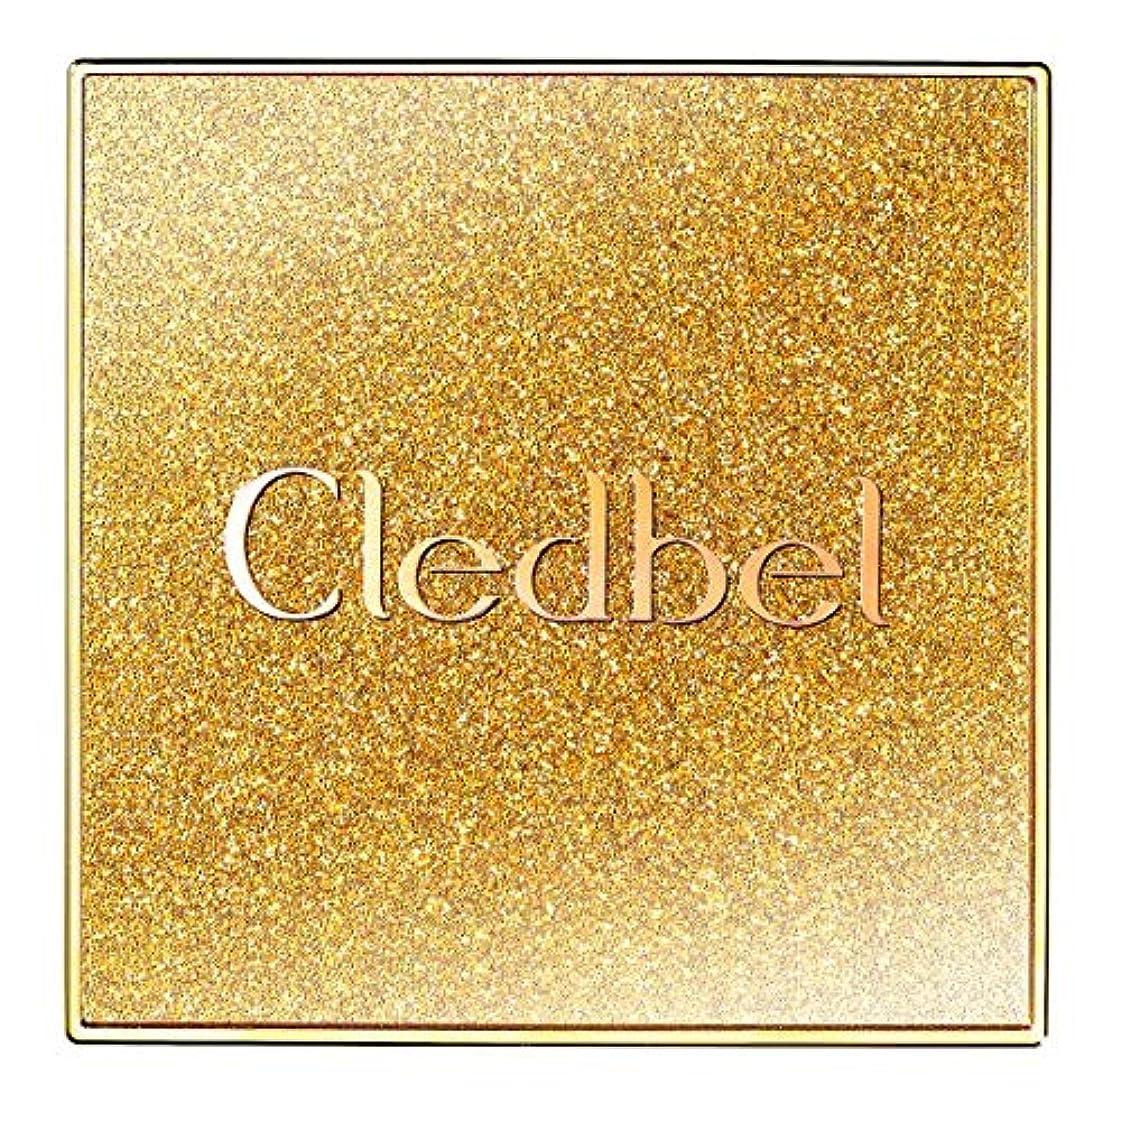 致命的なファンタジー百科事典[Cledbel] Miracle Power Lift V Cushion SPF50+ PA+++ GOLD EDITION/クレッドベルミラクルリフトV クッション [並行輸入品]